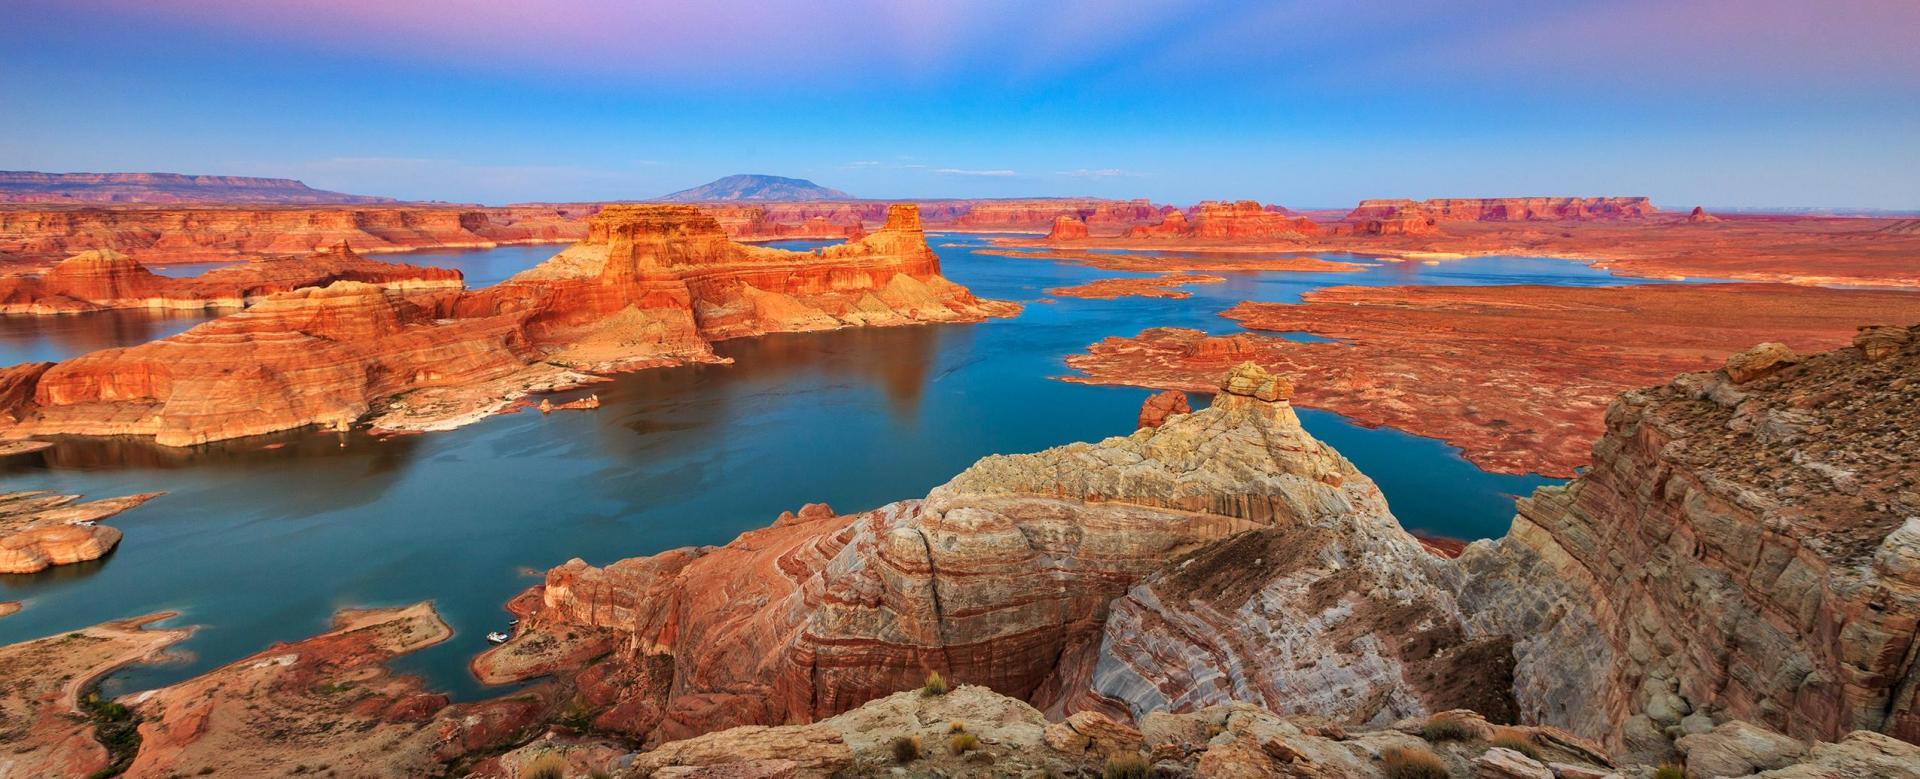 Voyage en véhicule États-Unis : Du yellowstone aux parcs de l'ouest